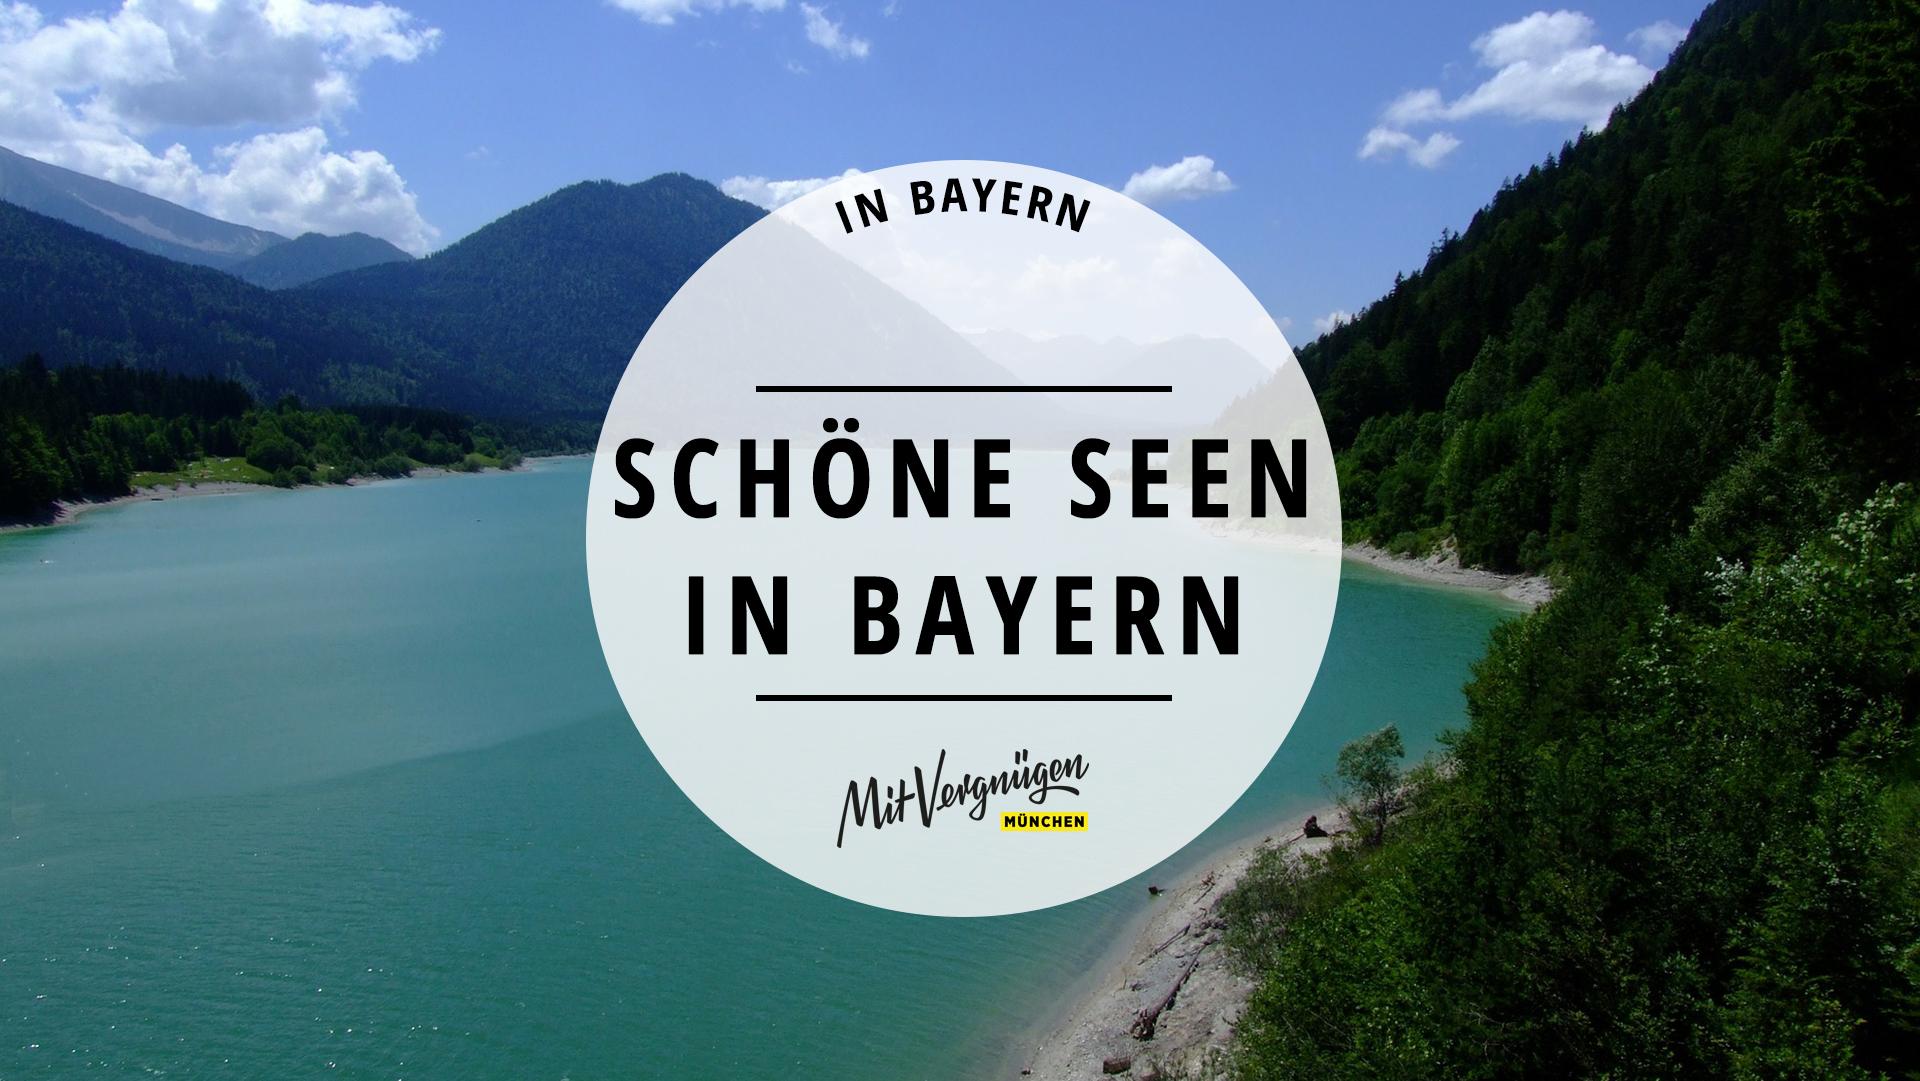 11 wunderschöne Seen in Bayern – Mit Vergnügen München | Mit ...